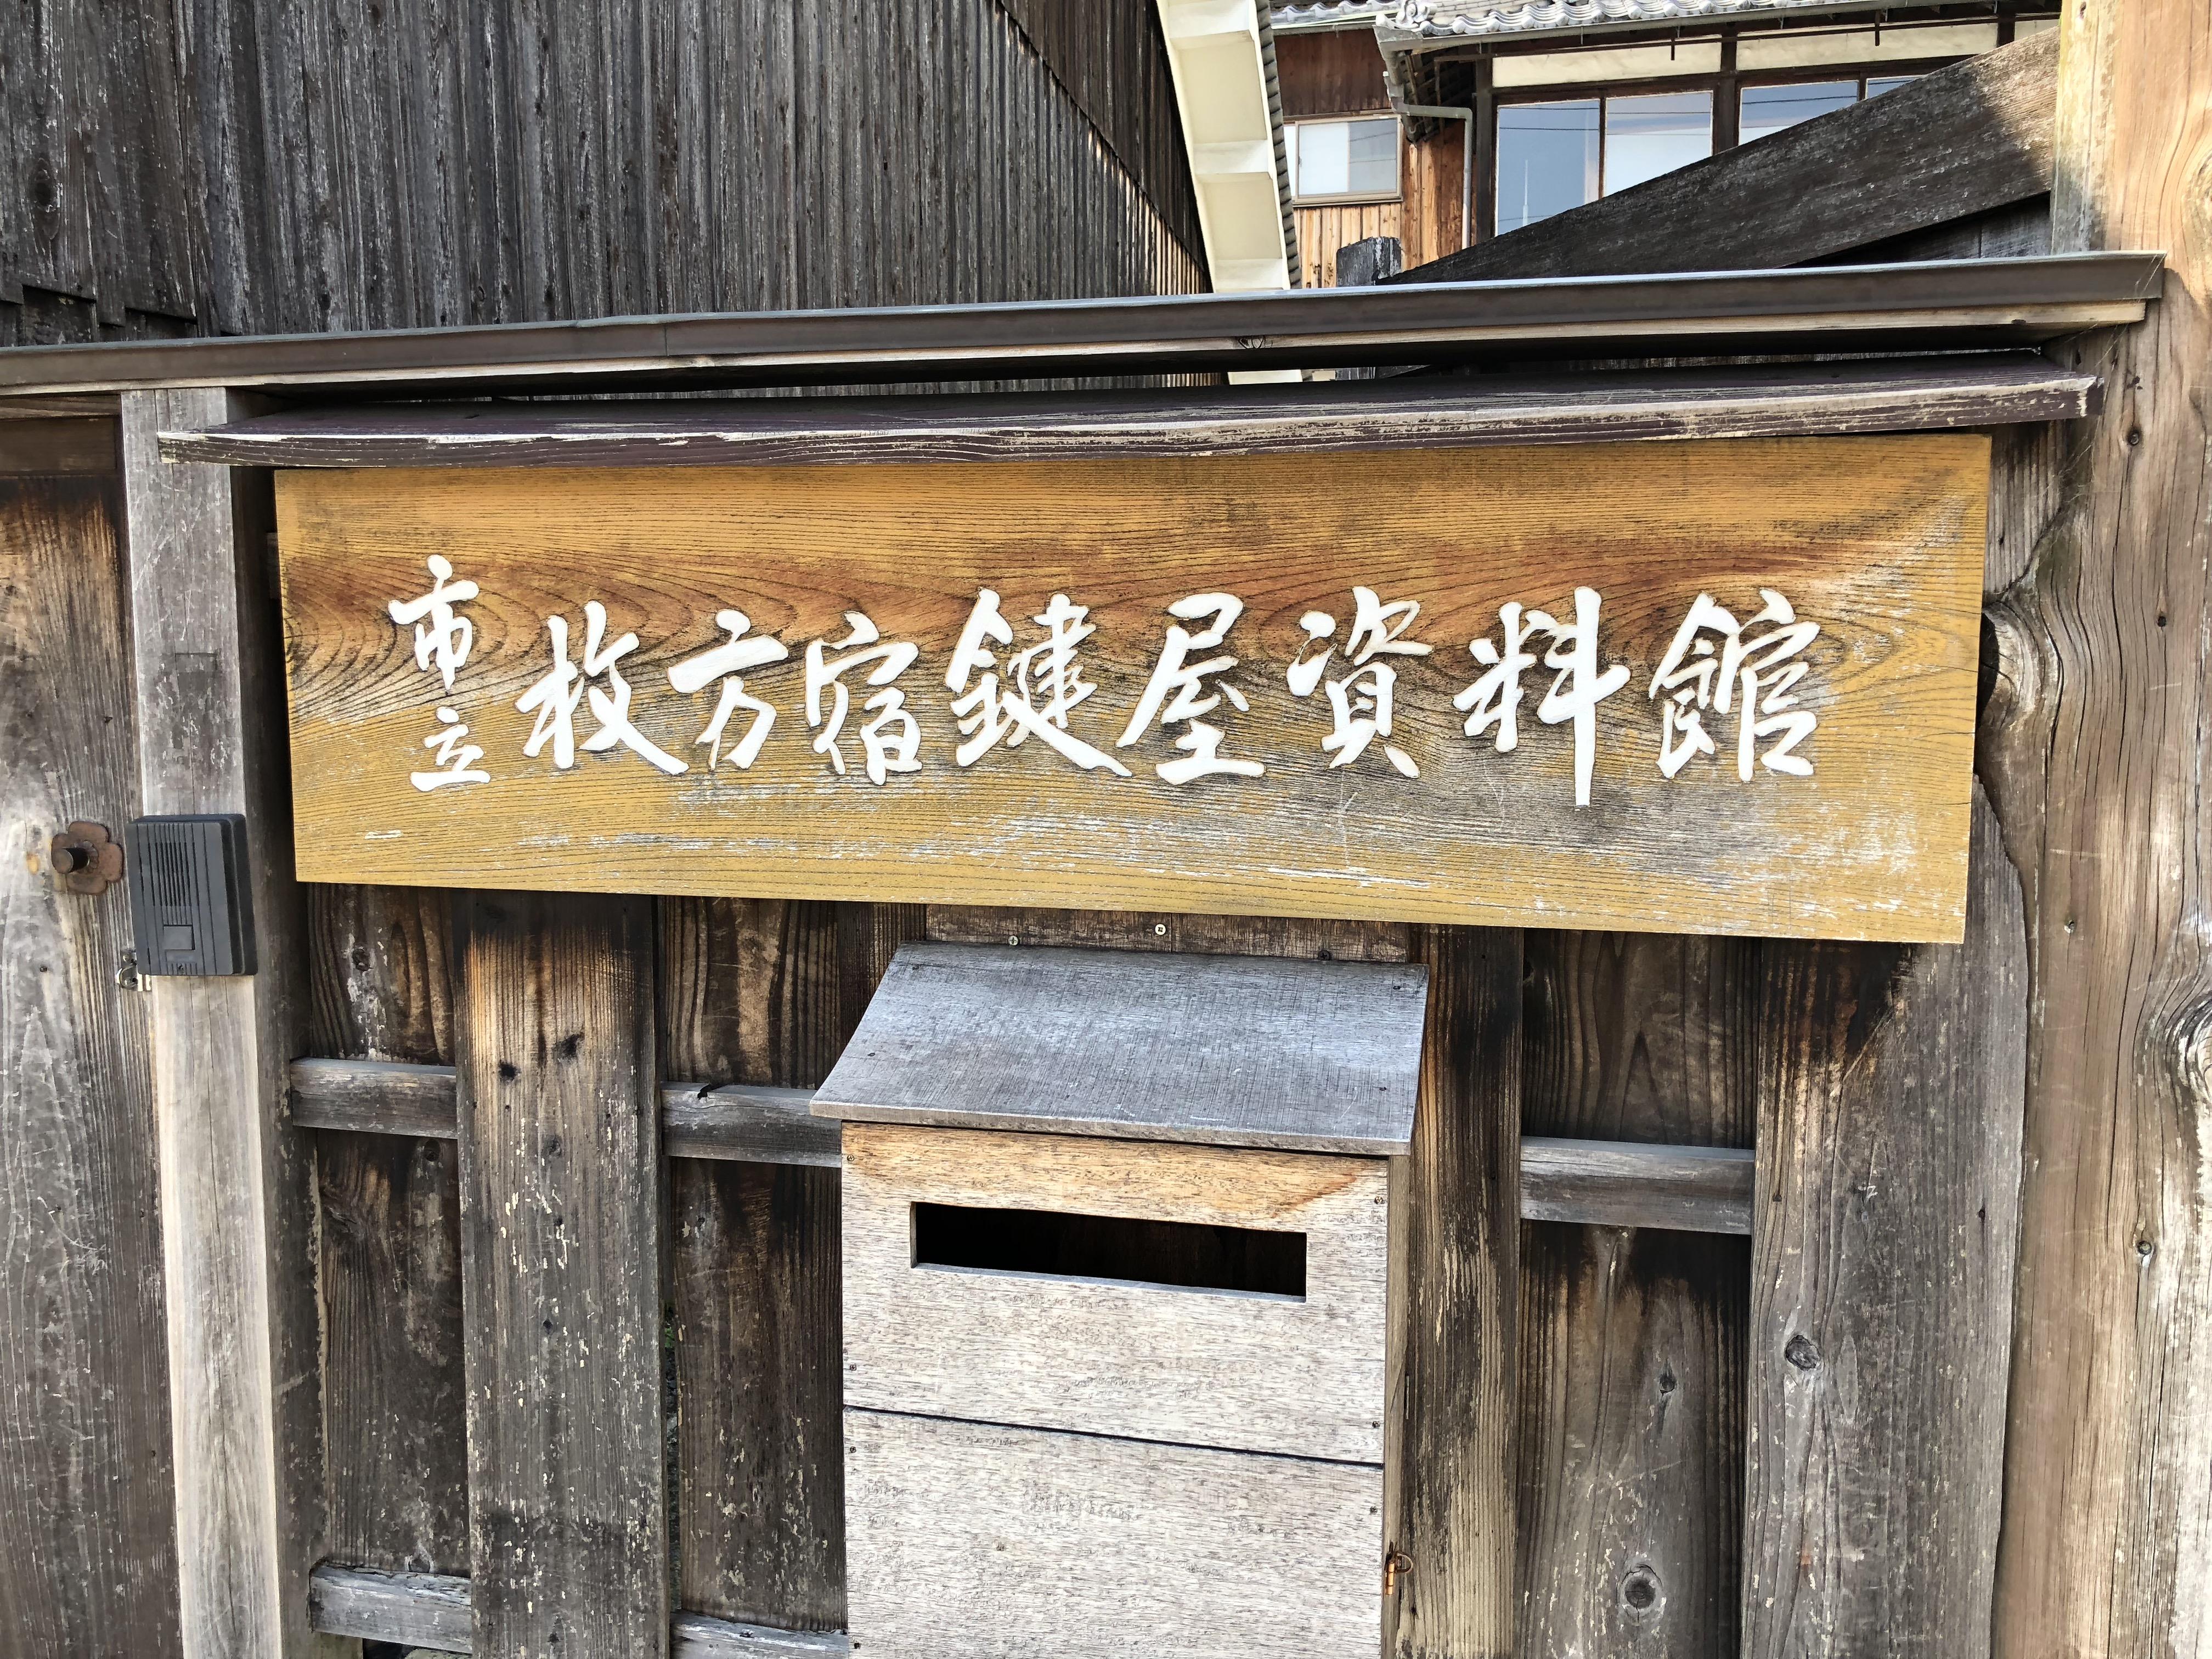 枚方宿鍵屋資料館の漆喰壁を見てきました。